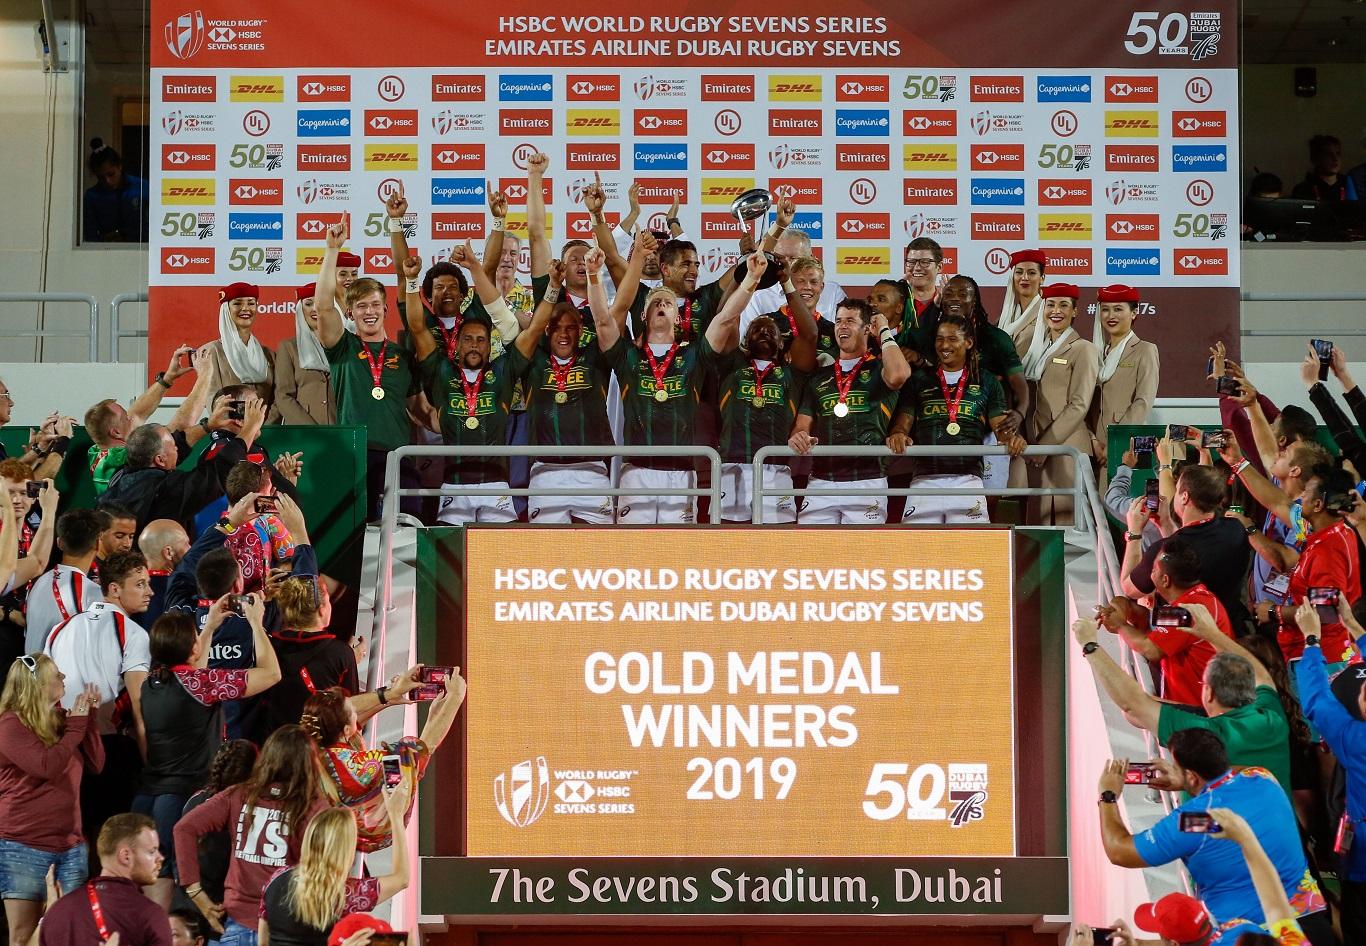 جنوب إفريقيا ونيوزيلاندا تتوجان بكأس بطولة طيران الإمارات لسباعيات دبي للرجبي